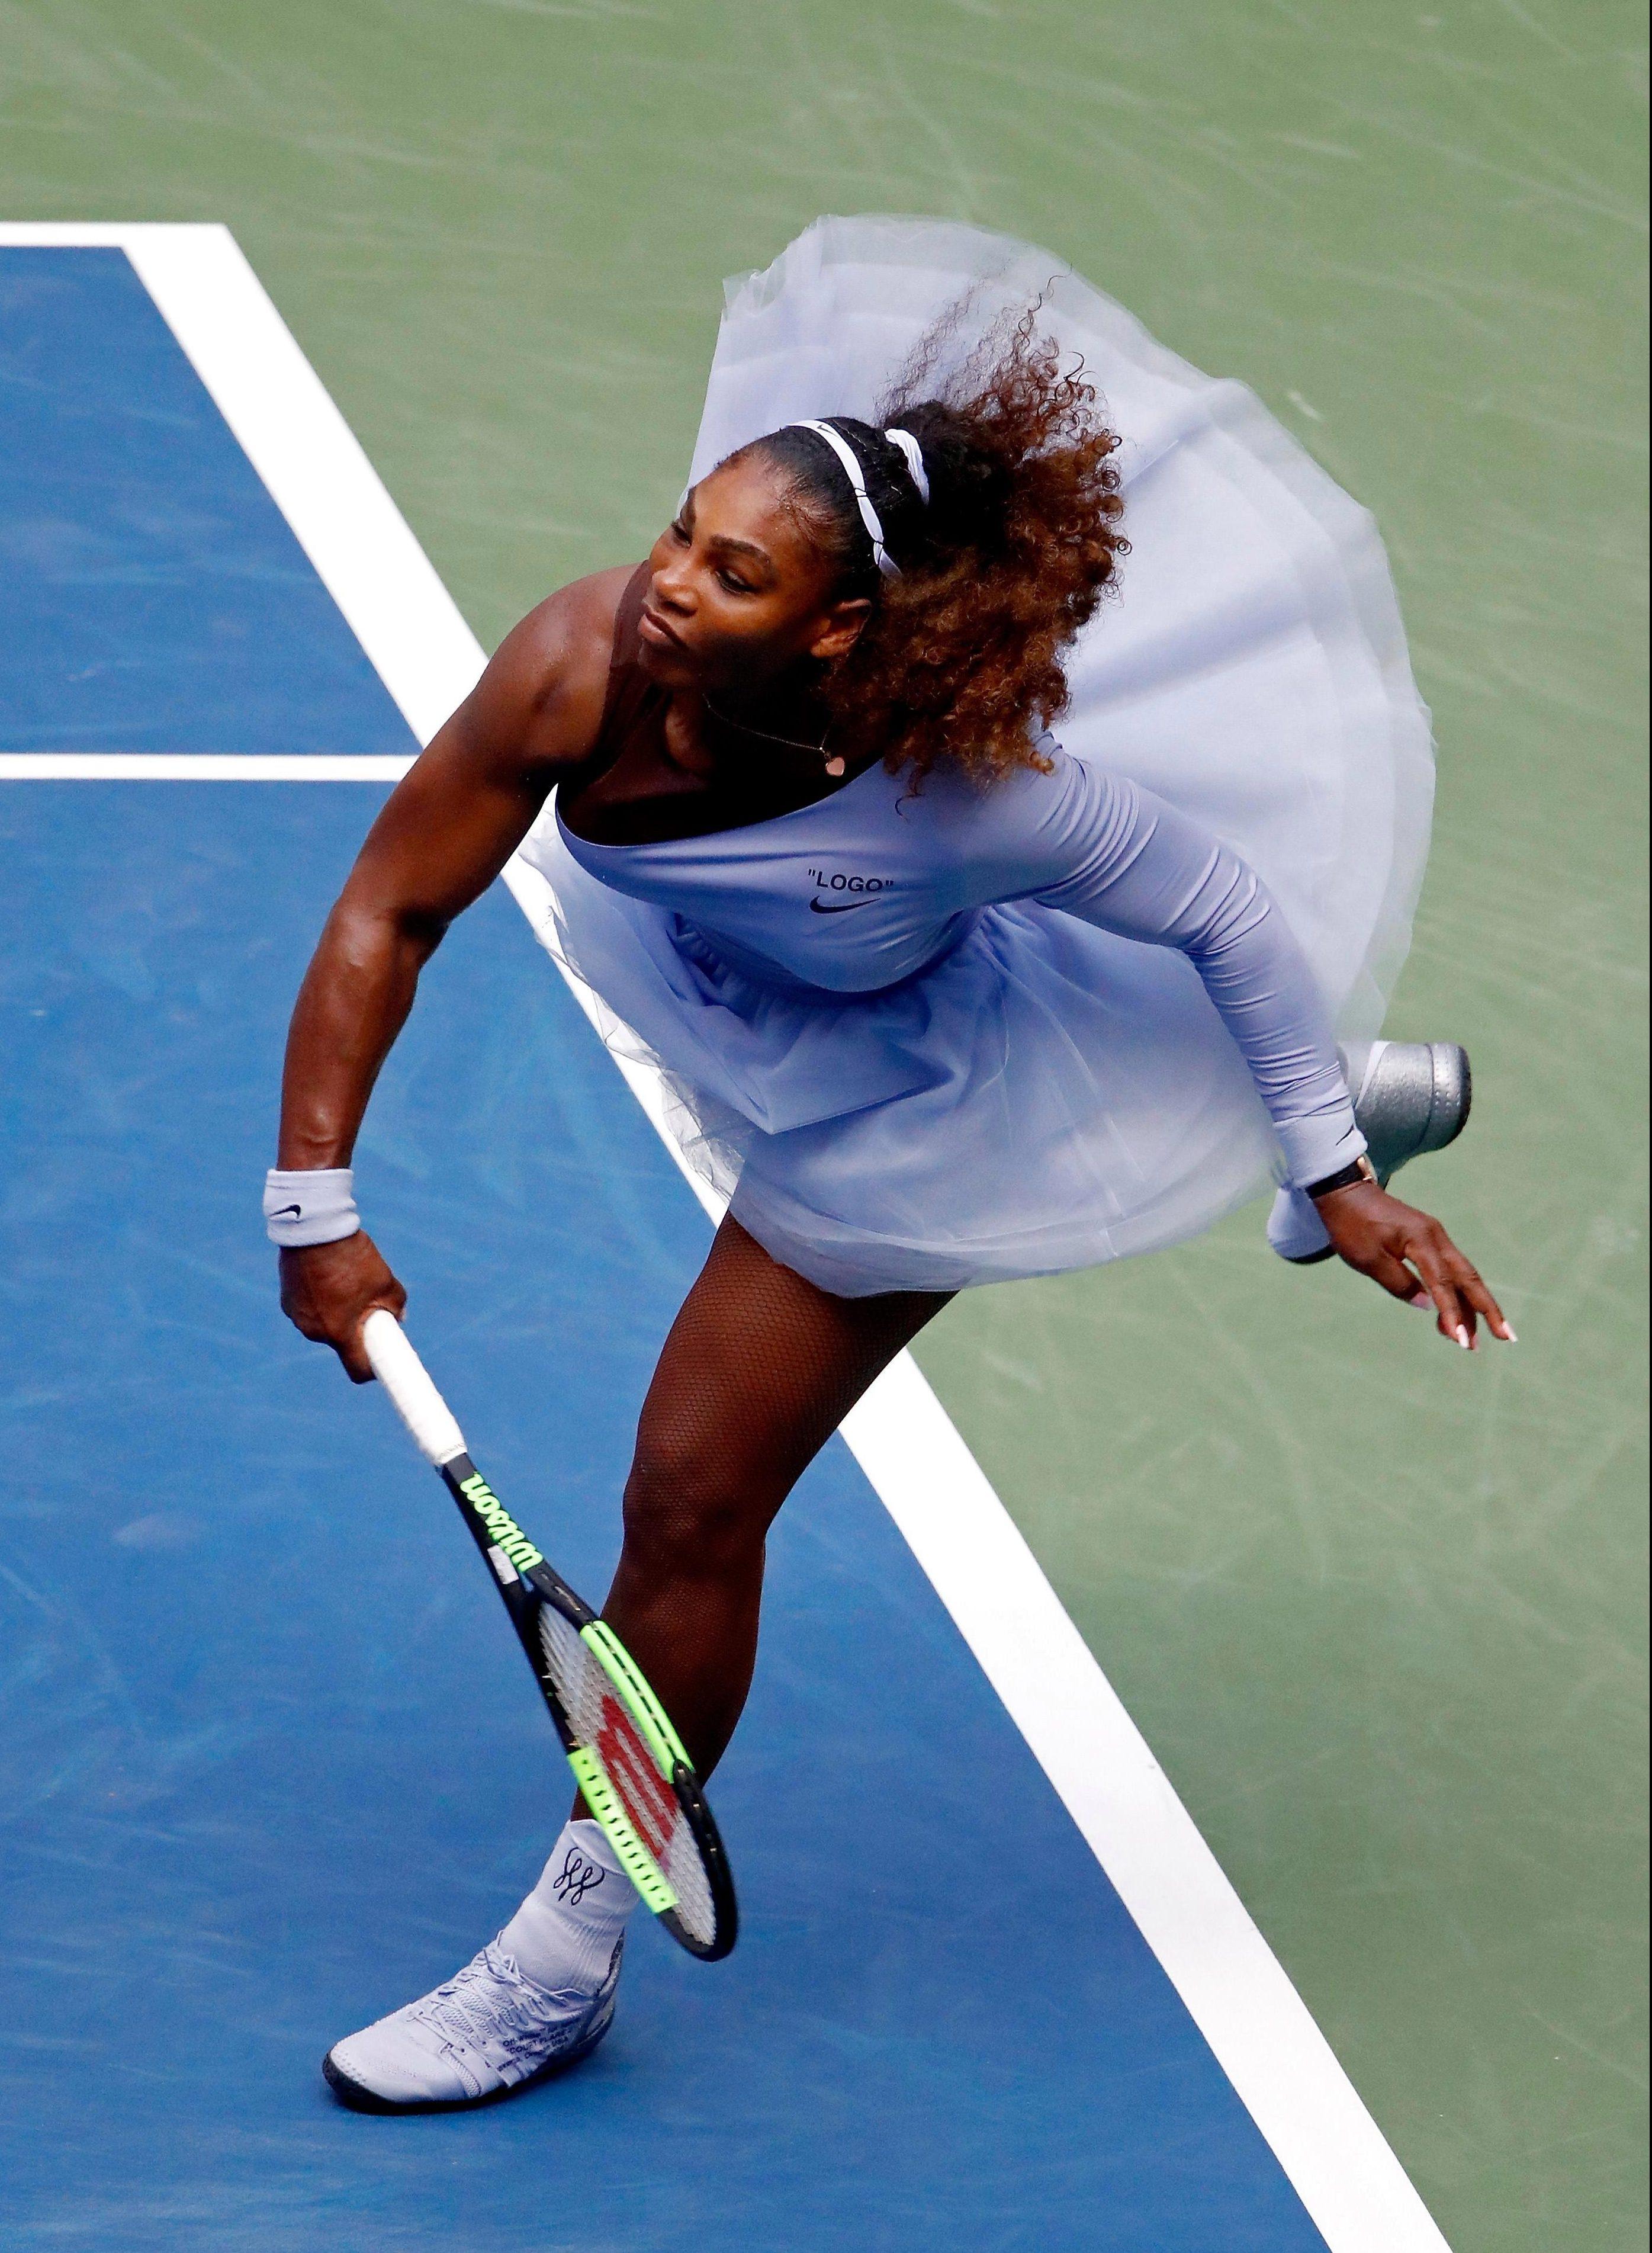 Serena Williams beat Kaia Kanepi 6-0 4-6 6-3 in the US Open fourth round